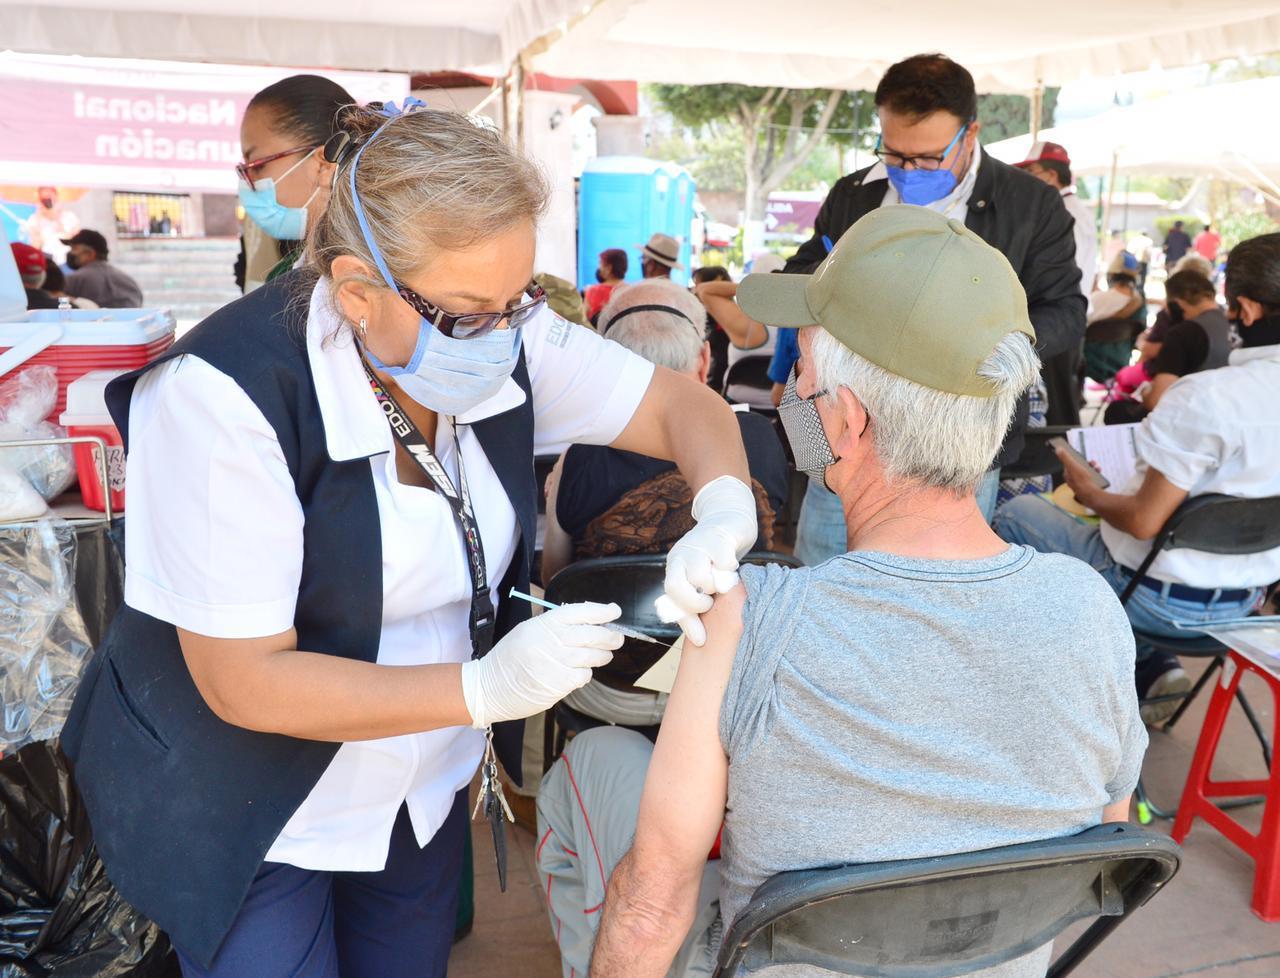 El próximo martes 23 de marzo, iniciará la vacunación contra COVID-19 para las personas mayores de 60 años del municipio de Chimalhuacán